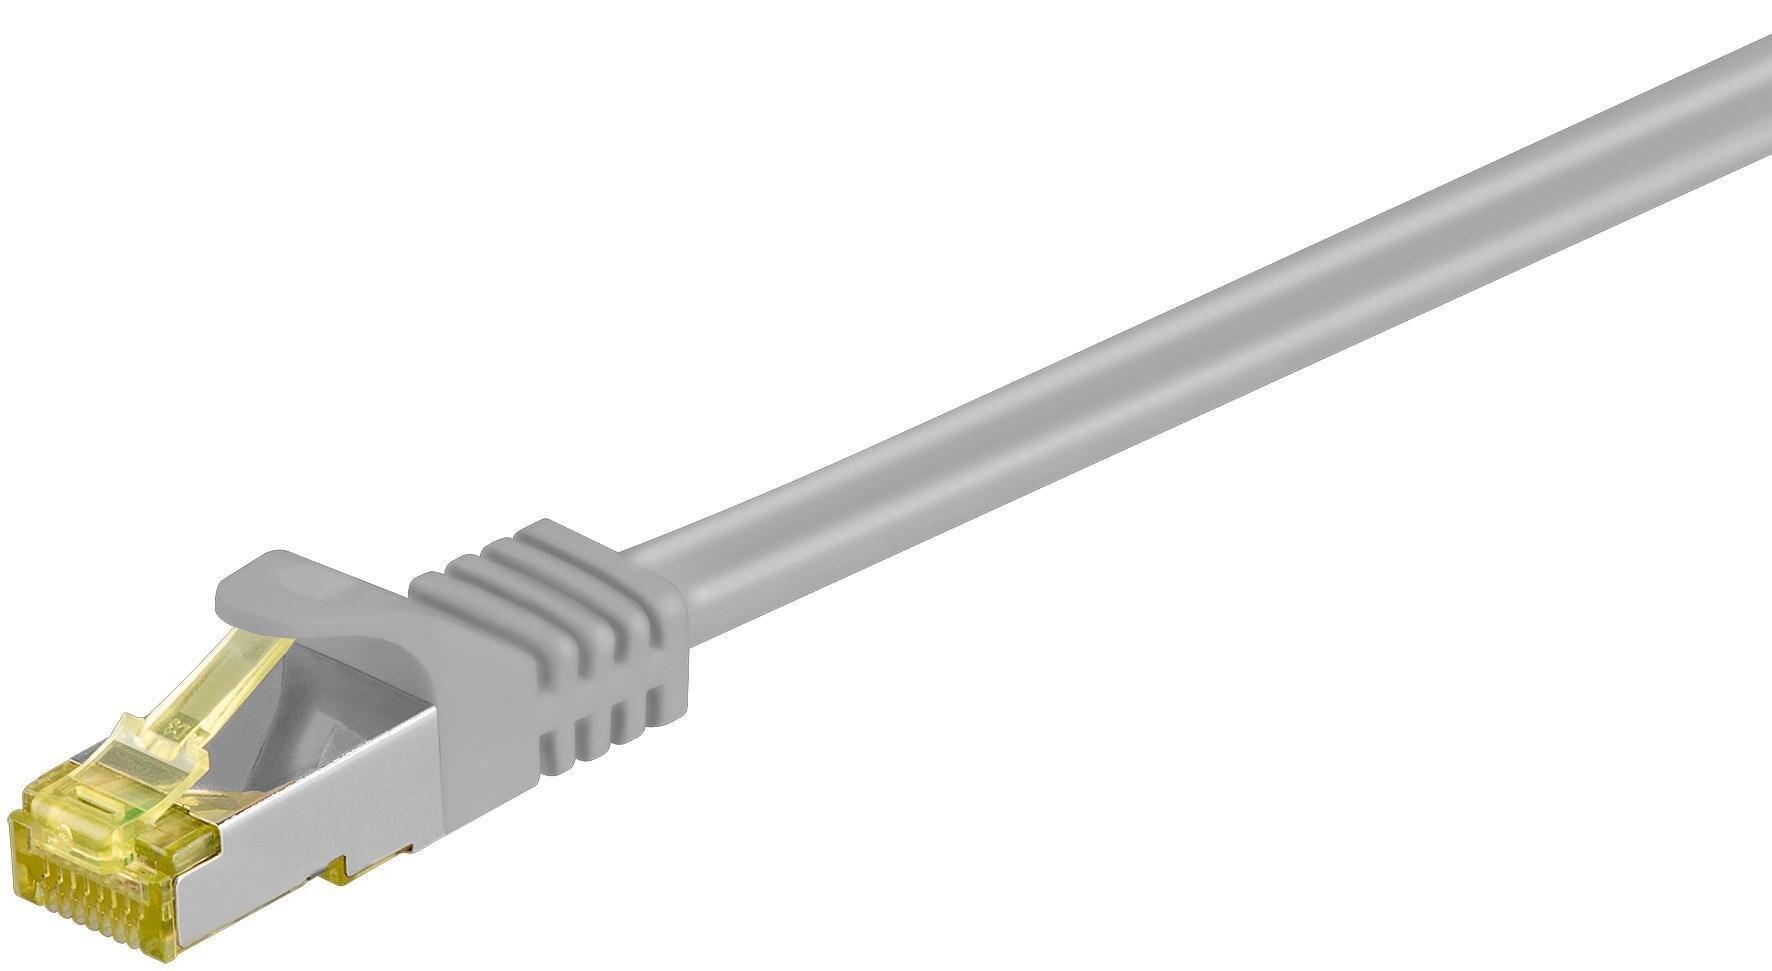 'S PiMF Cat7 Rj45 FTP Network Cable 15 meters LSZH Grey Color 91648